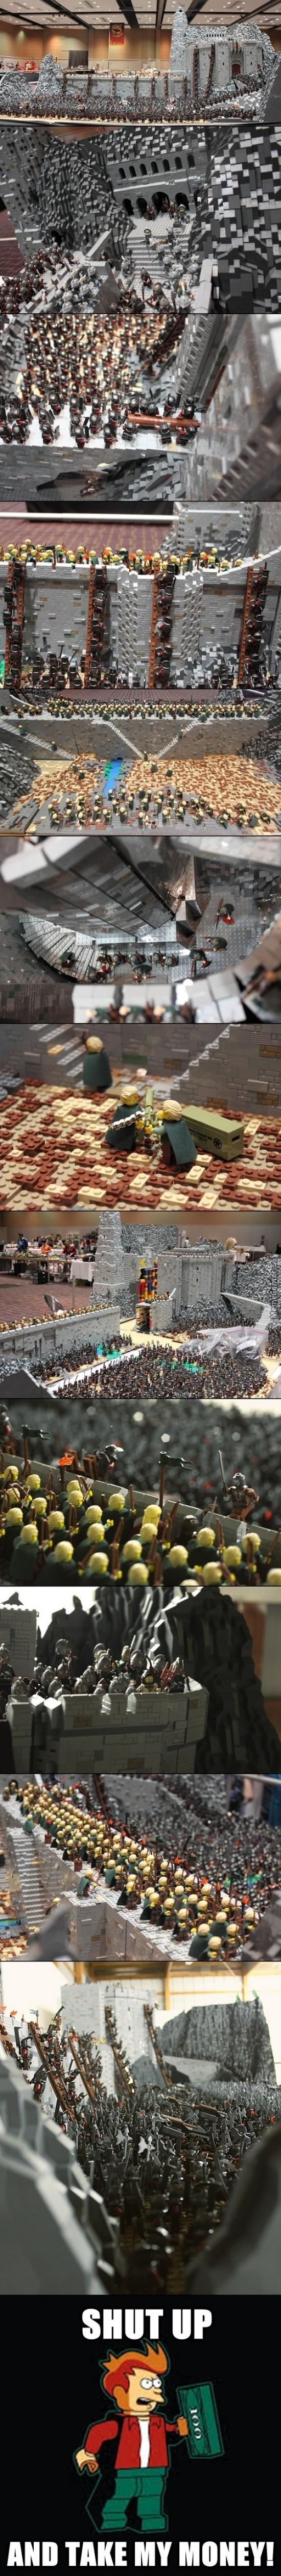 Fry - Recreaciones en Lego que rozan lo increíble